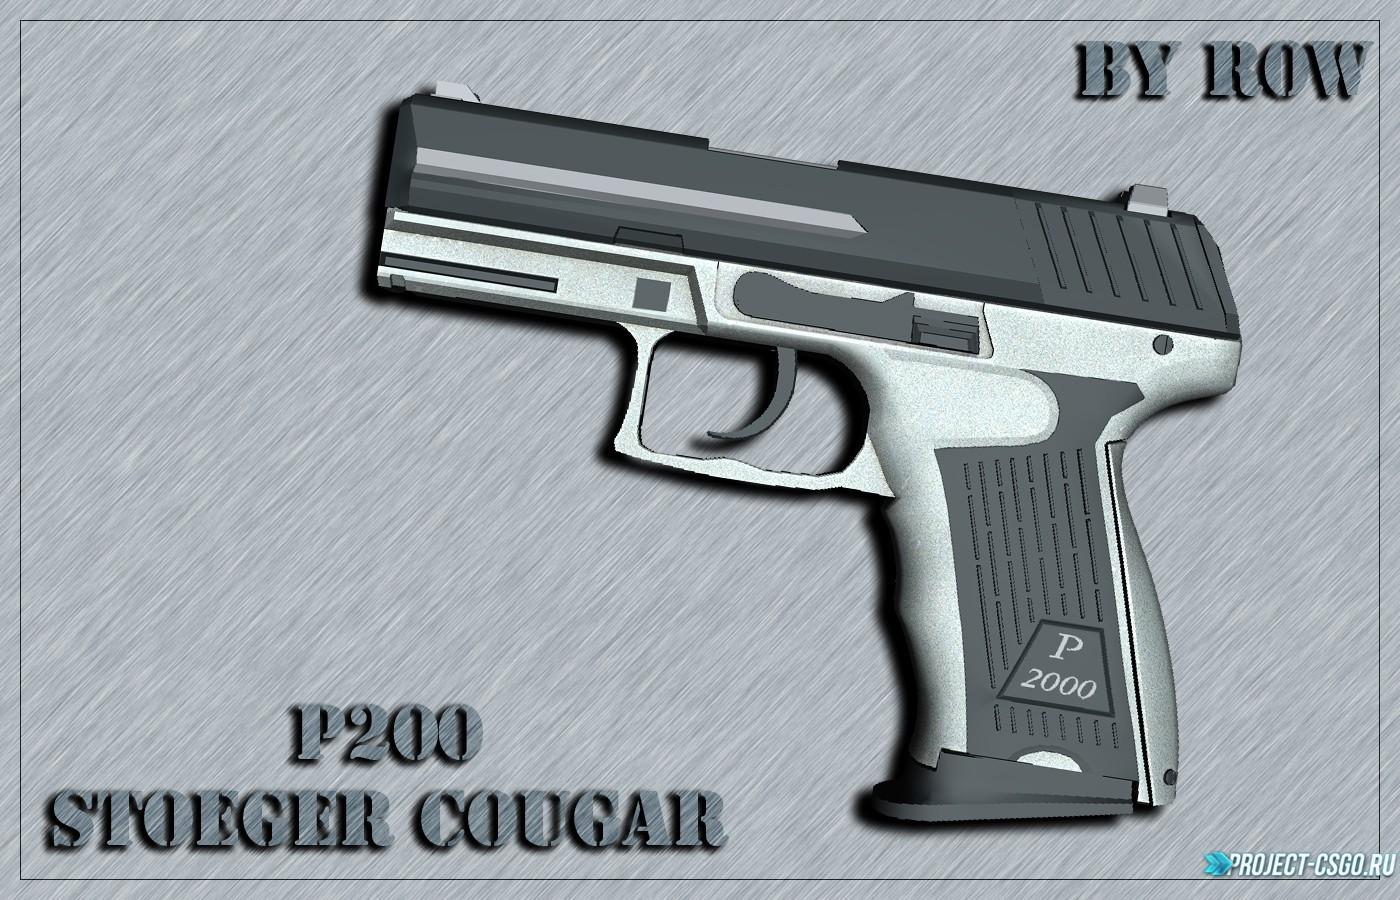 Модель оружия P2000 HKP2000  Stoeger Cougar